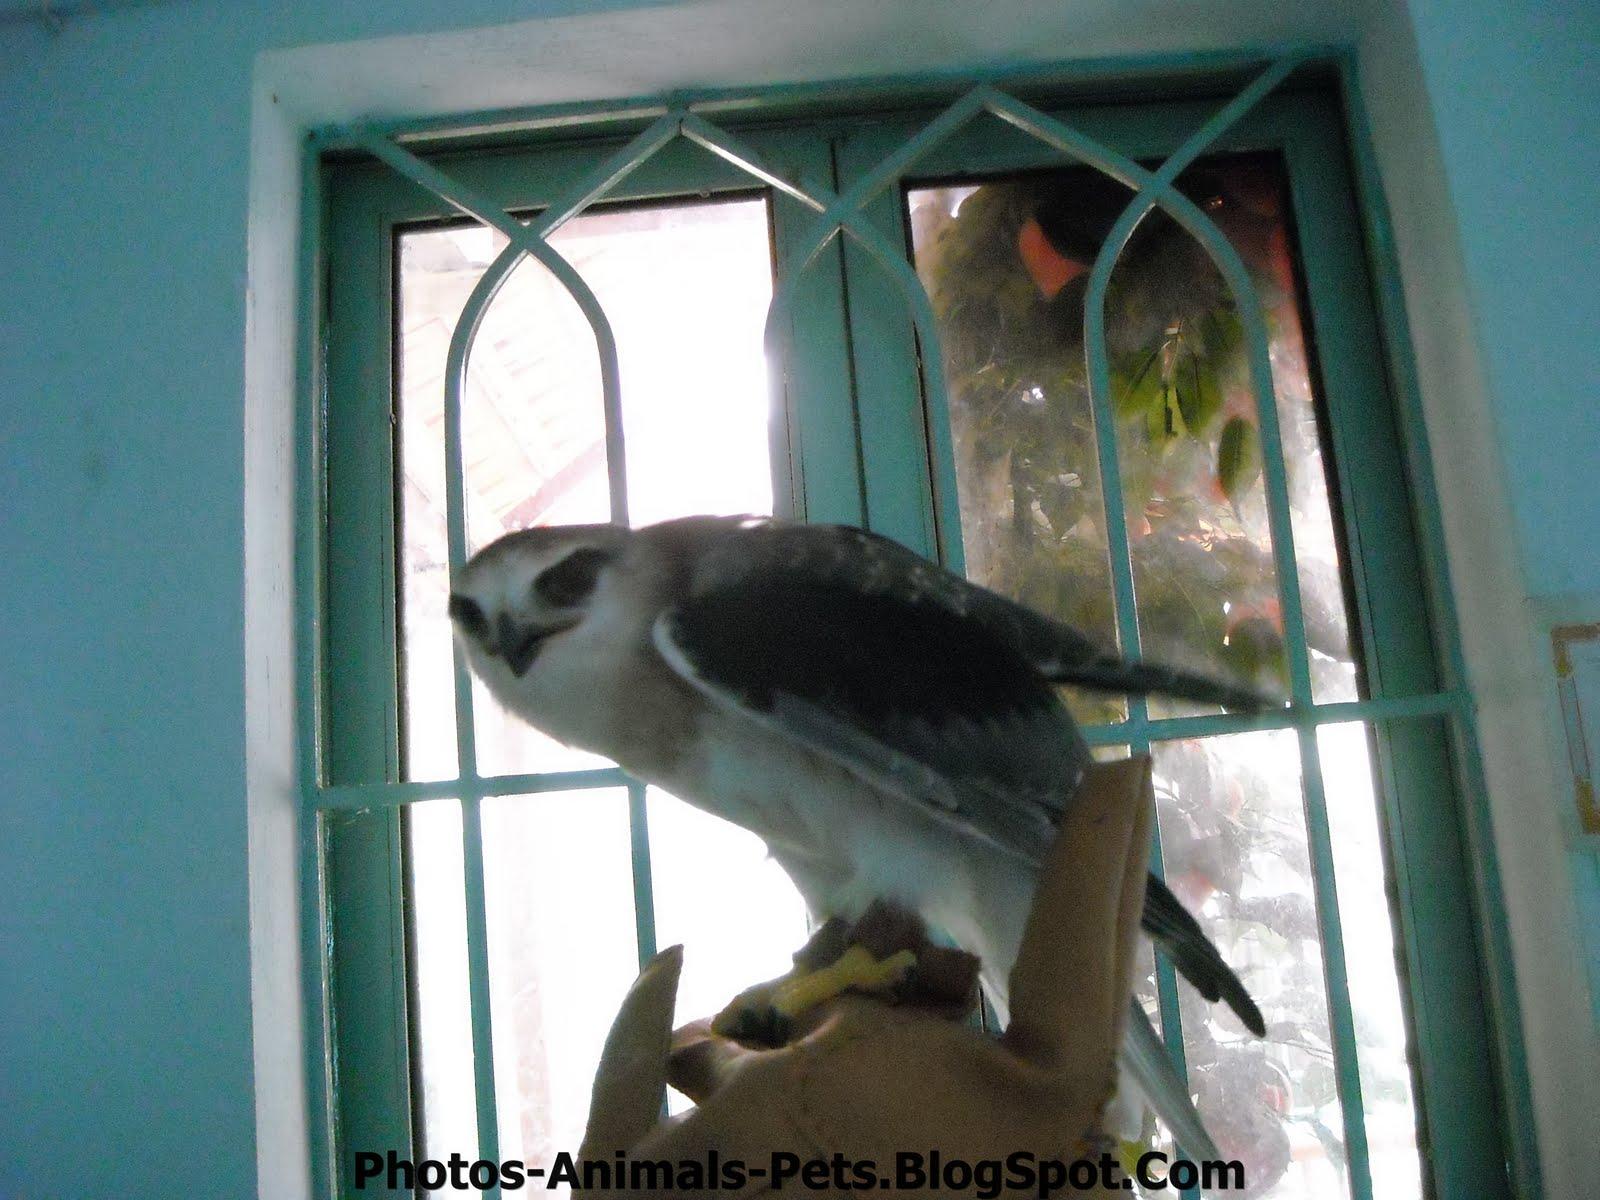 http://1.bp.blogspot.com/-Dp_z8E7LQsI/TxRak2x7_YI/AAAAAAAAC2c/CmKRidIZavk/s1600/Pet%2Bbird.jpg